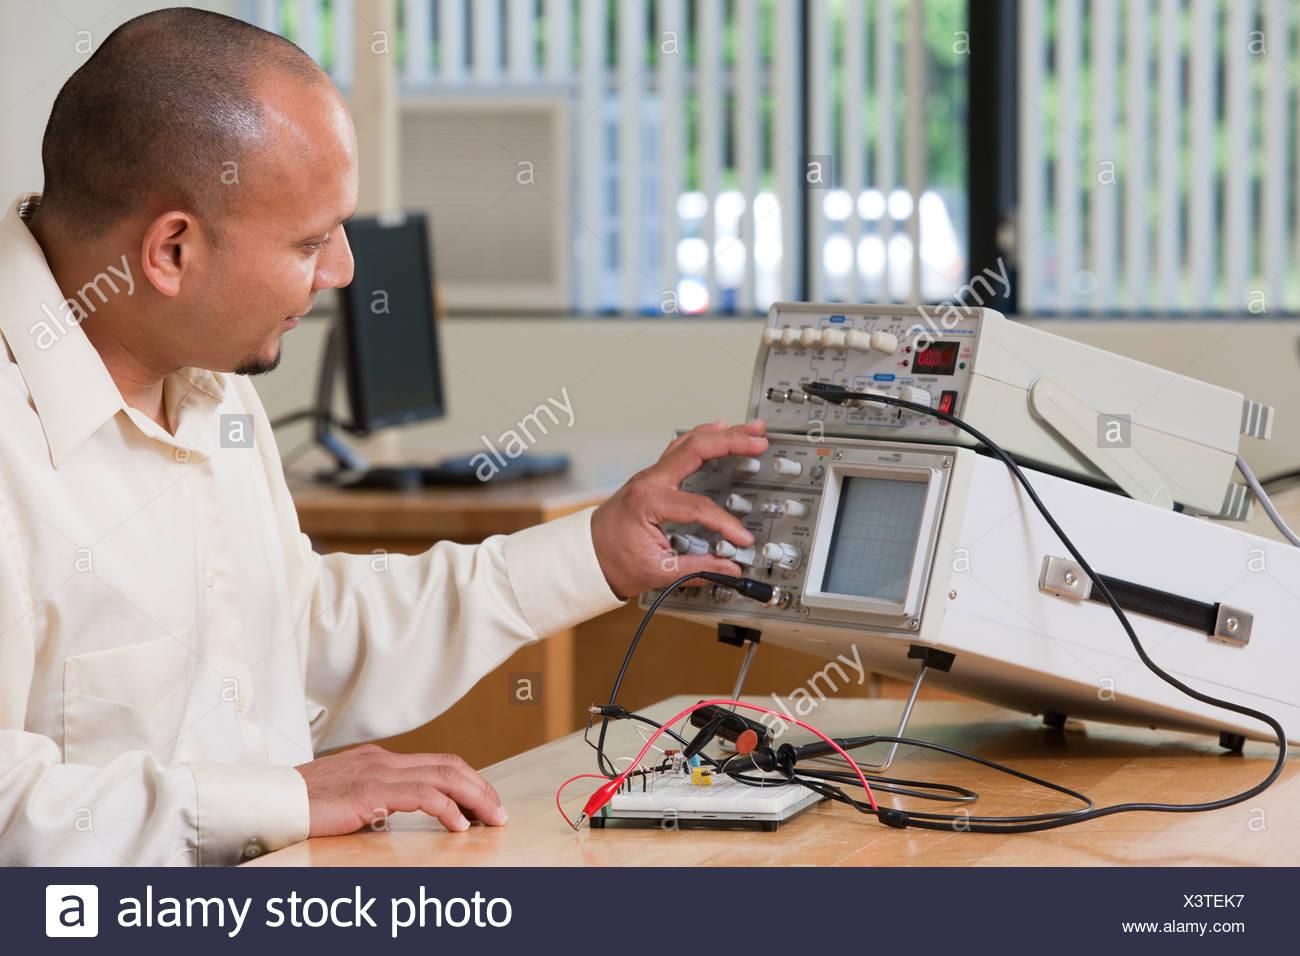 Hispanische Ingenieurstudent Anpassung der Signalpegel am Oszilloskop und Funktion Generator in einem Klassenzimmer Stockbild